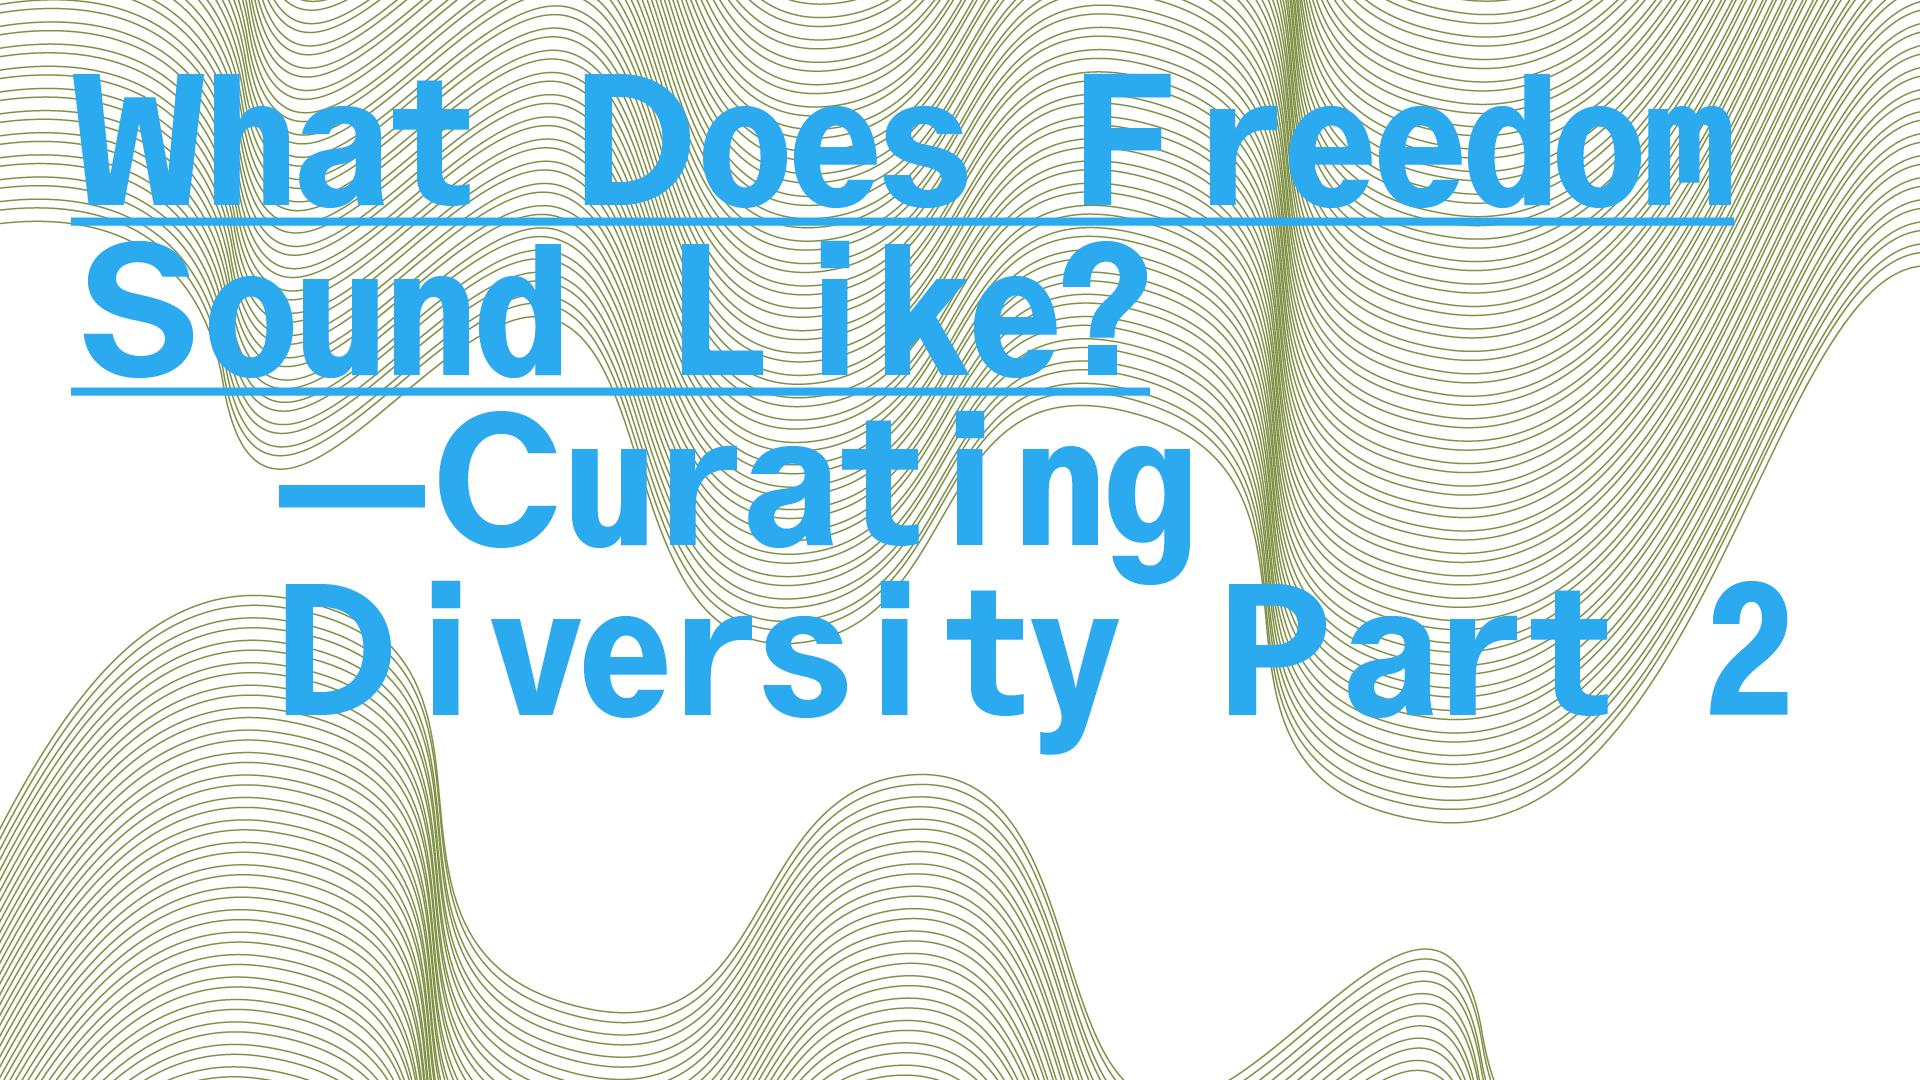 Curating Diversity symposium